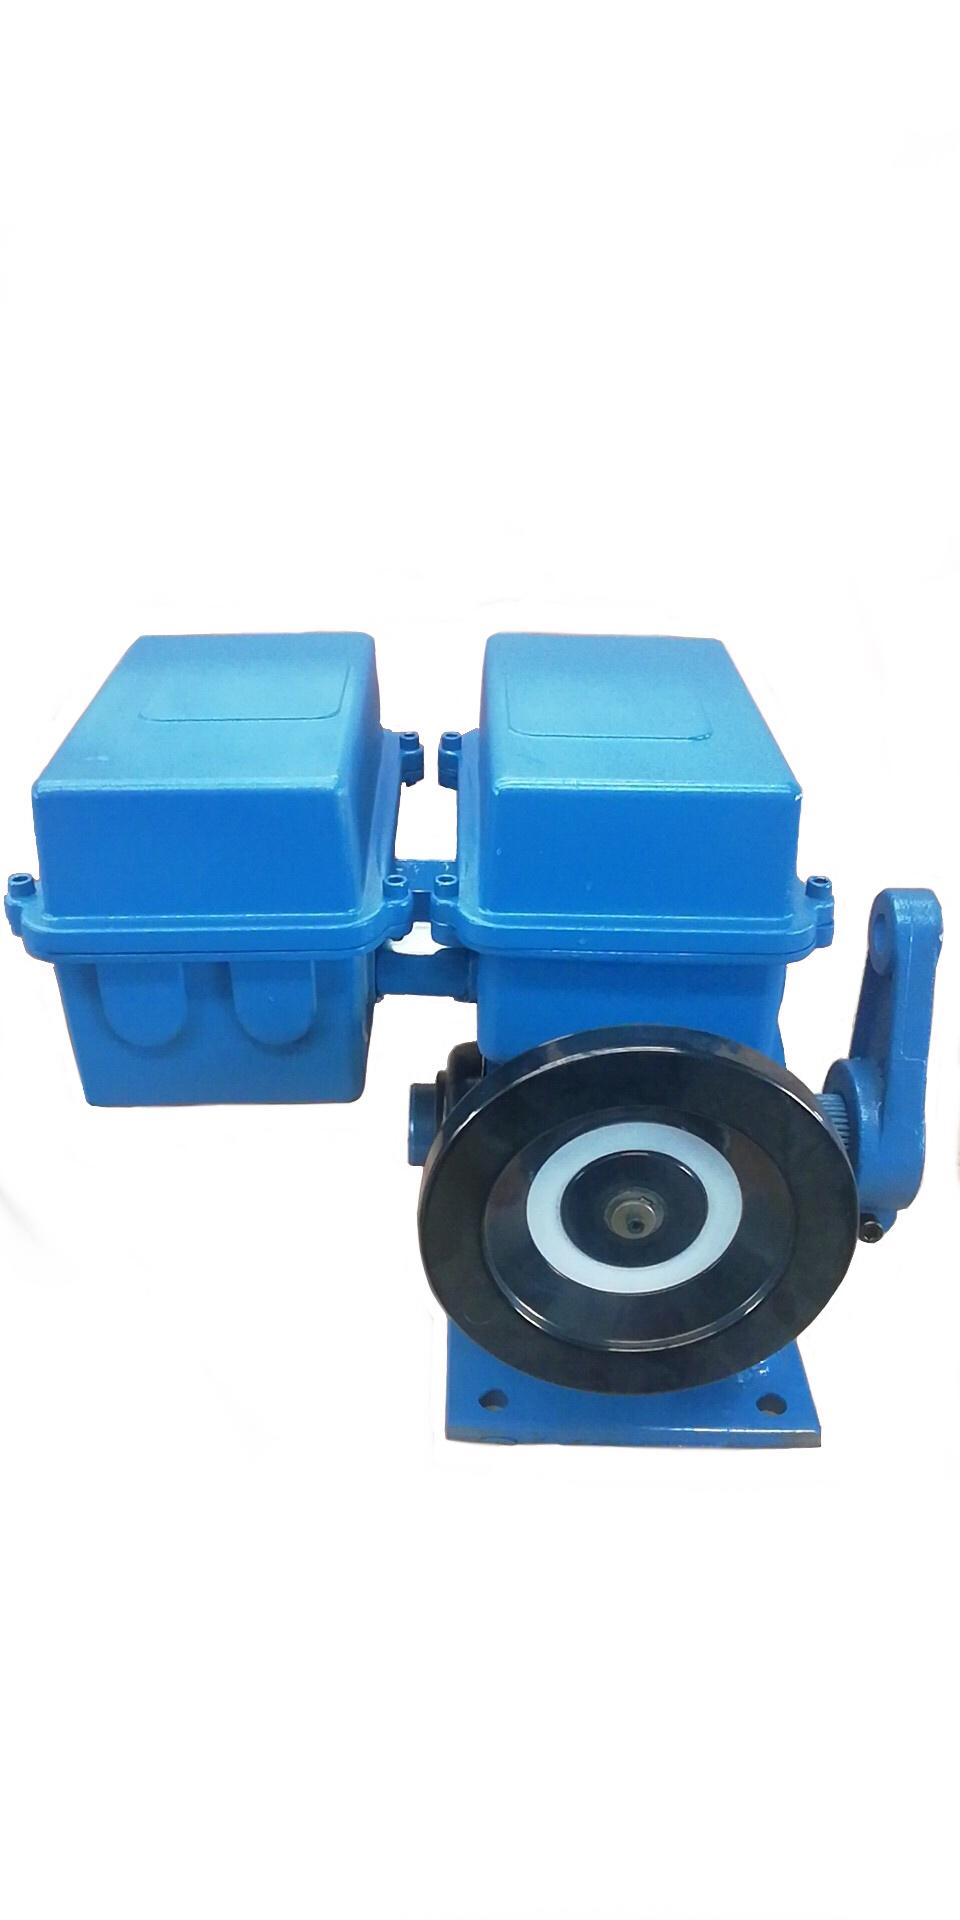 电动执行器BS-60/K30H,电动执行机构,伯纳德电动执行器